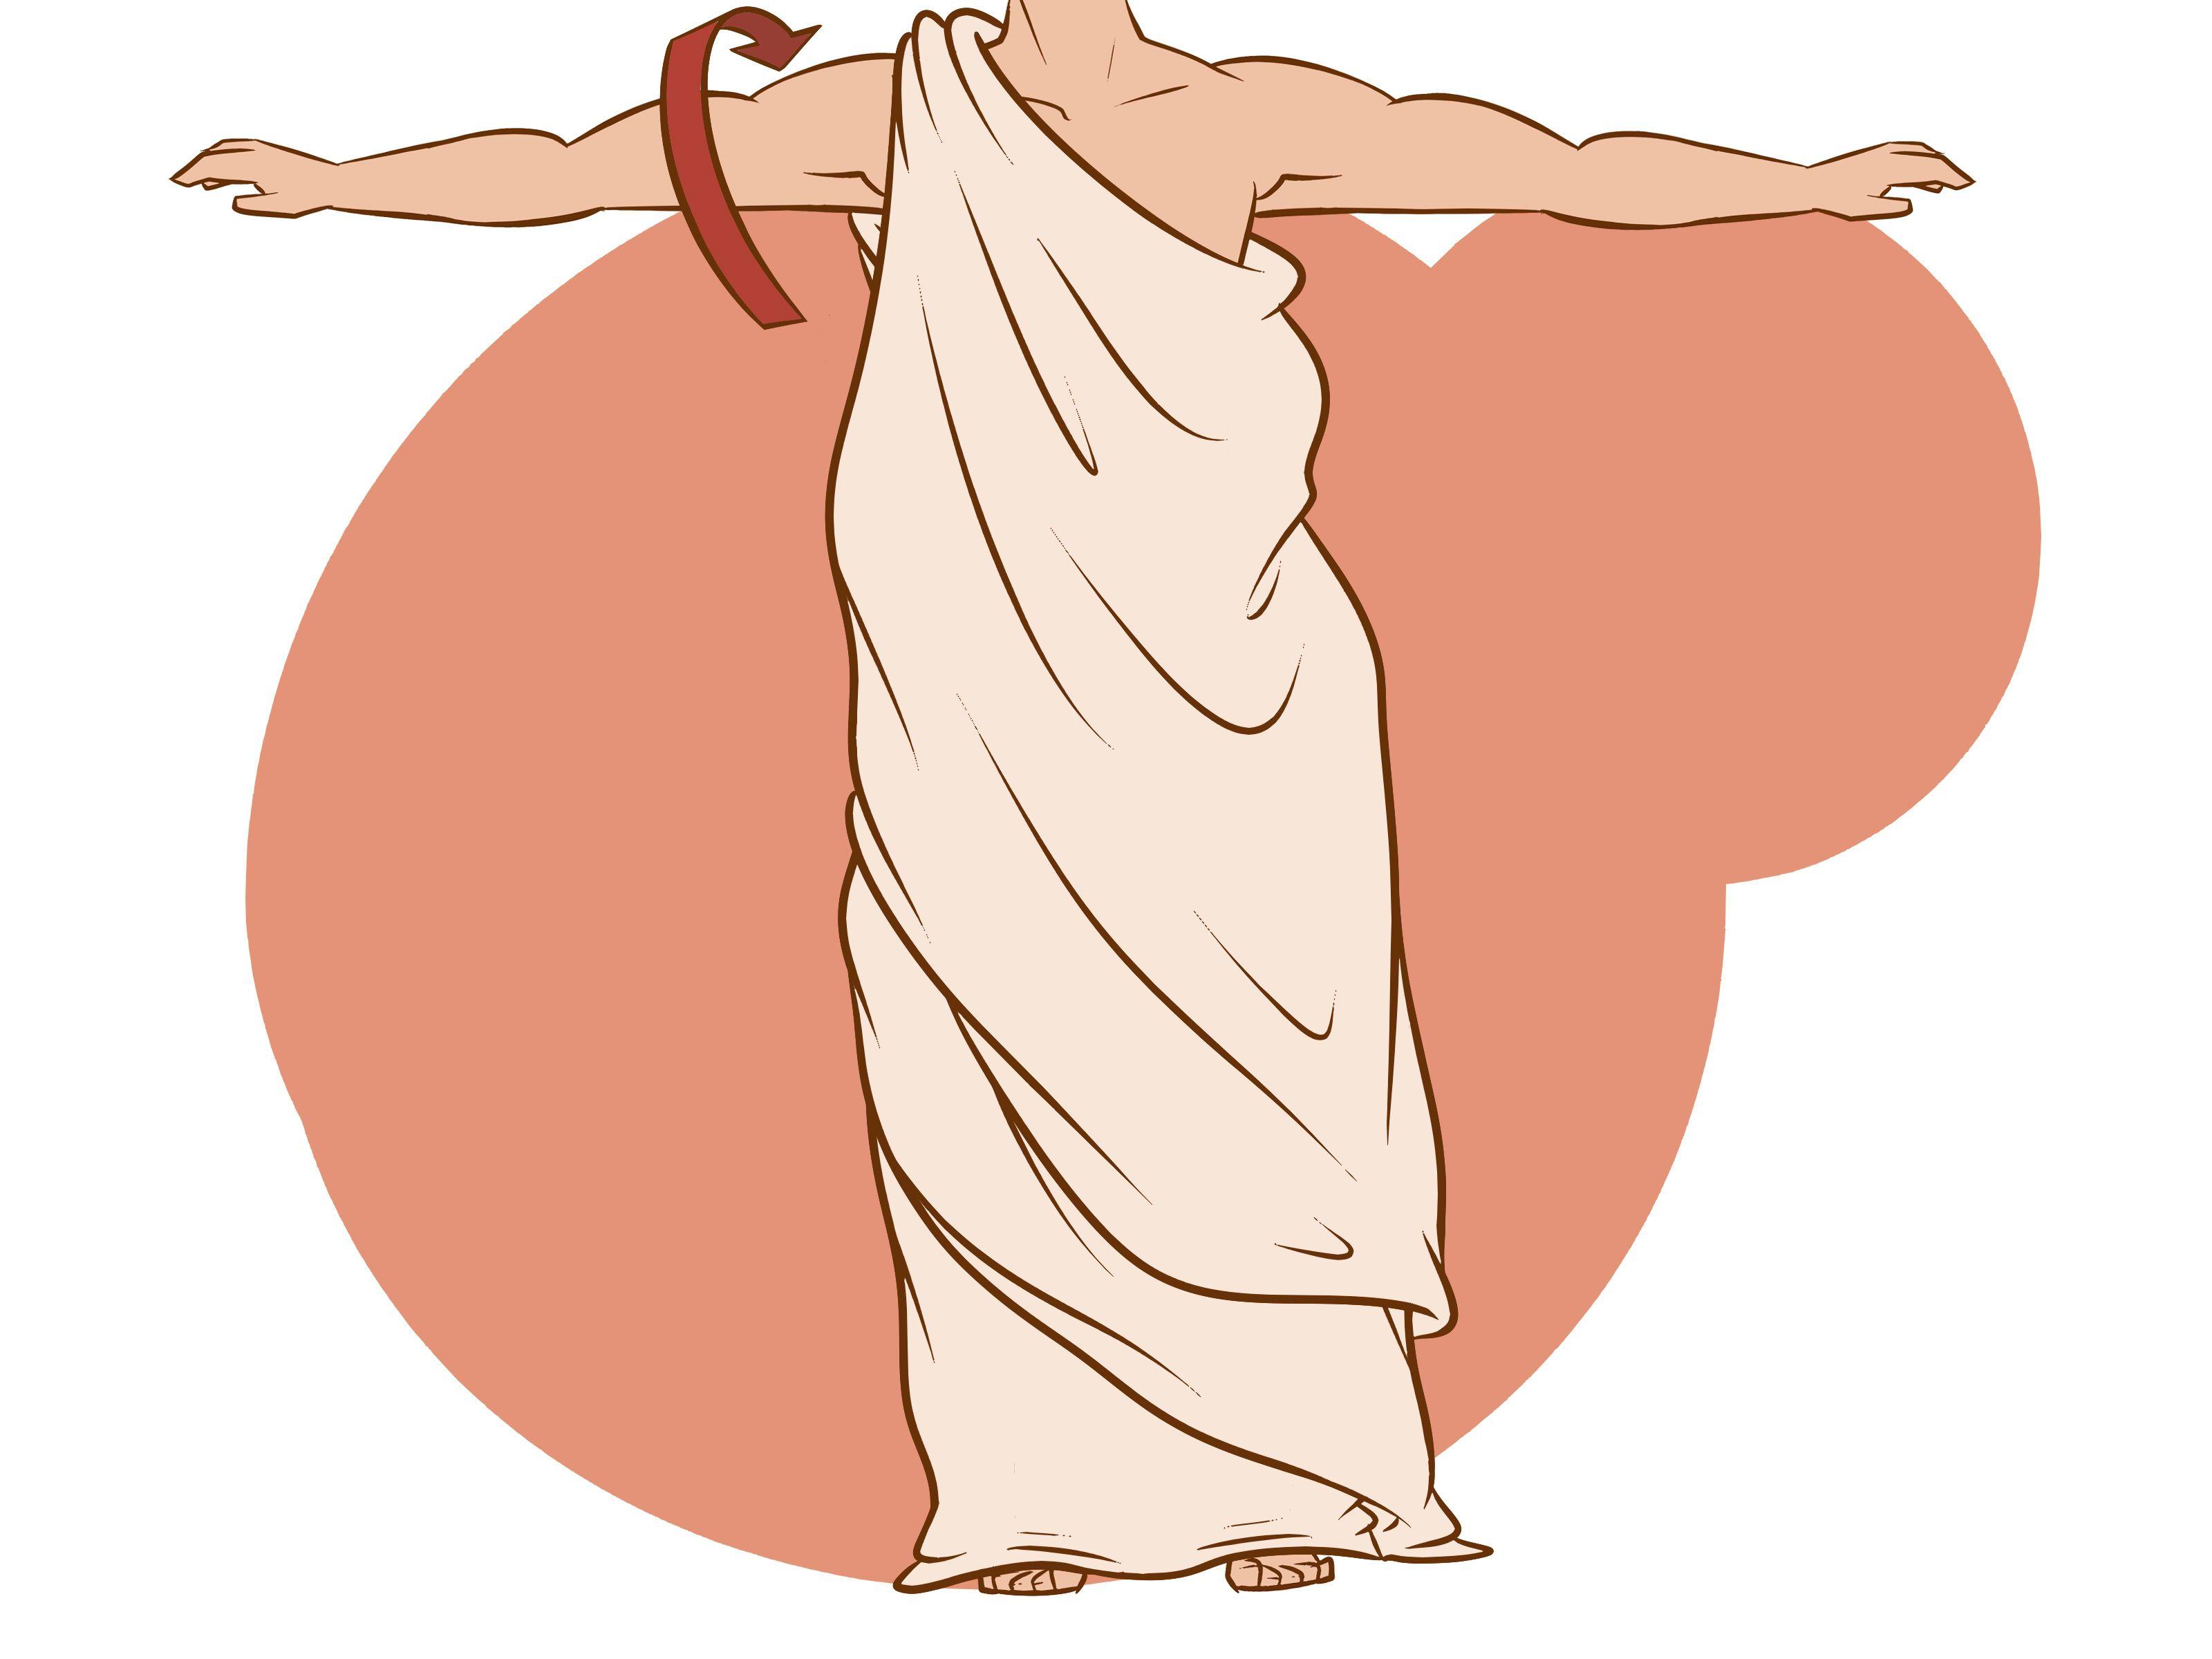 Wrap a Toga | Antikes griechenland, Smoking und Wickeln